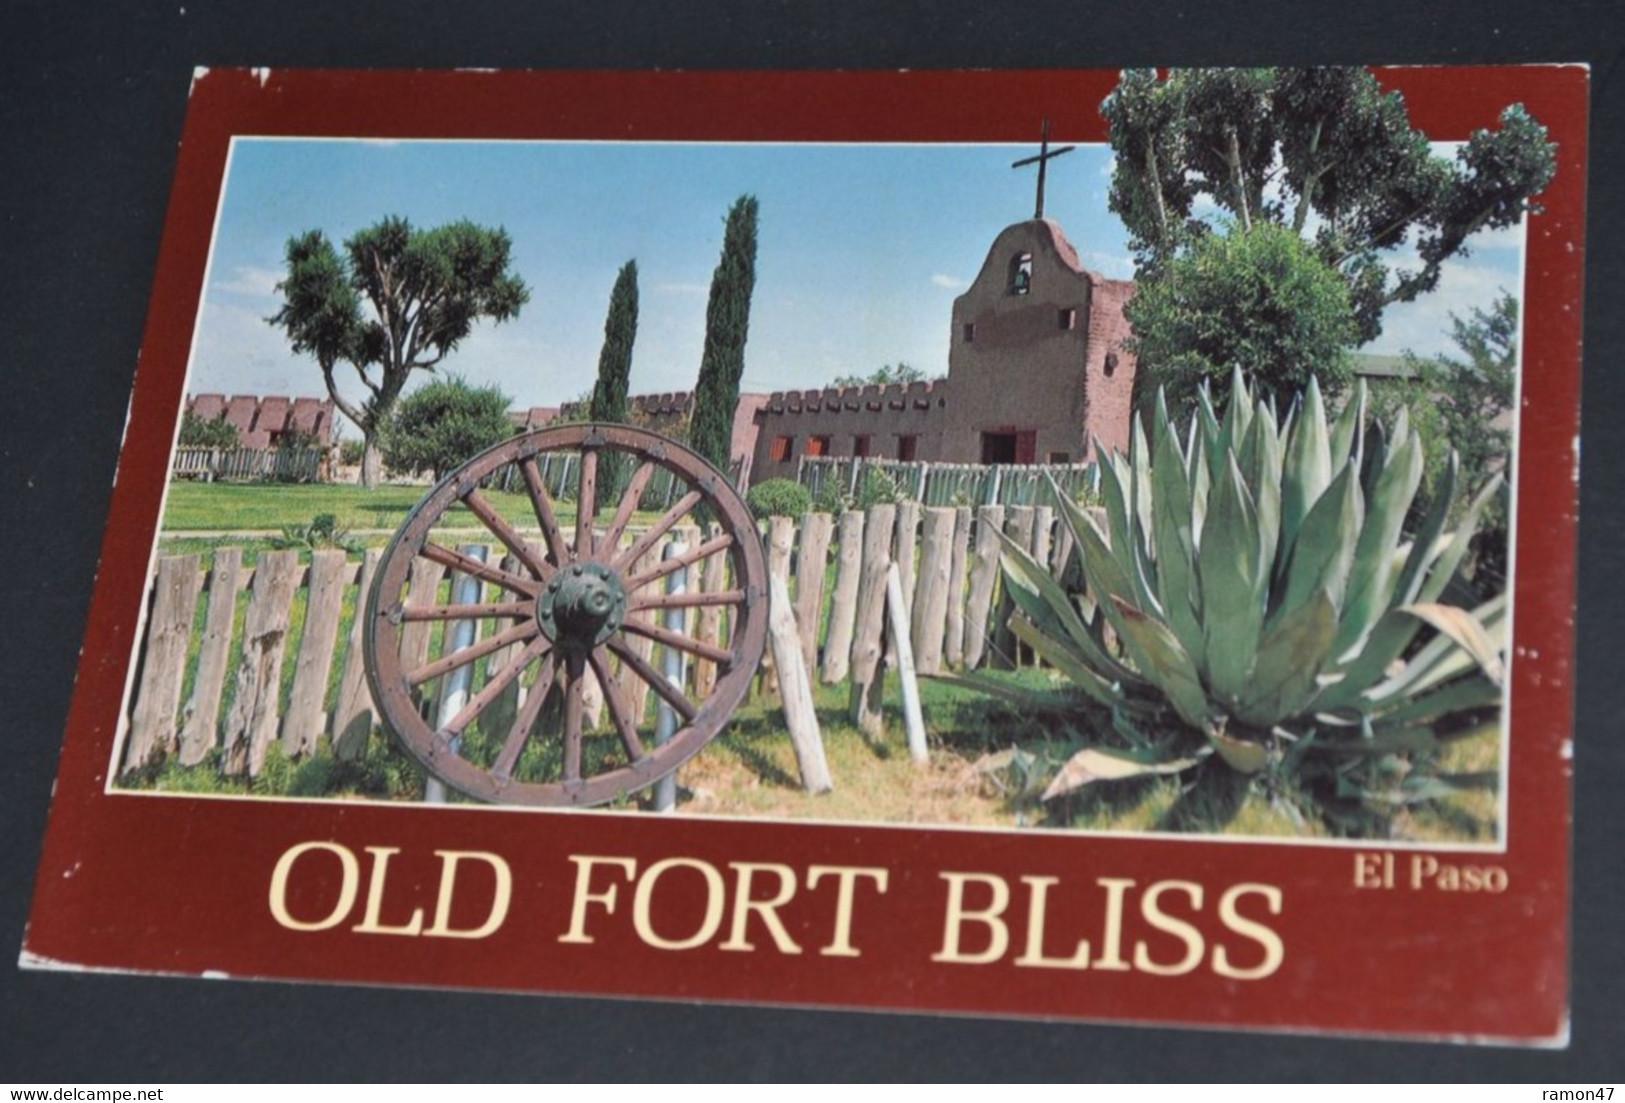 Old Fort Bliss, El Paso - El Paso